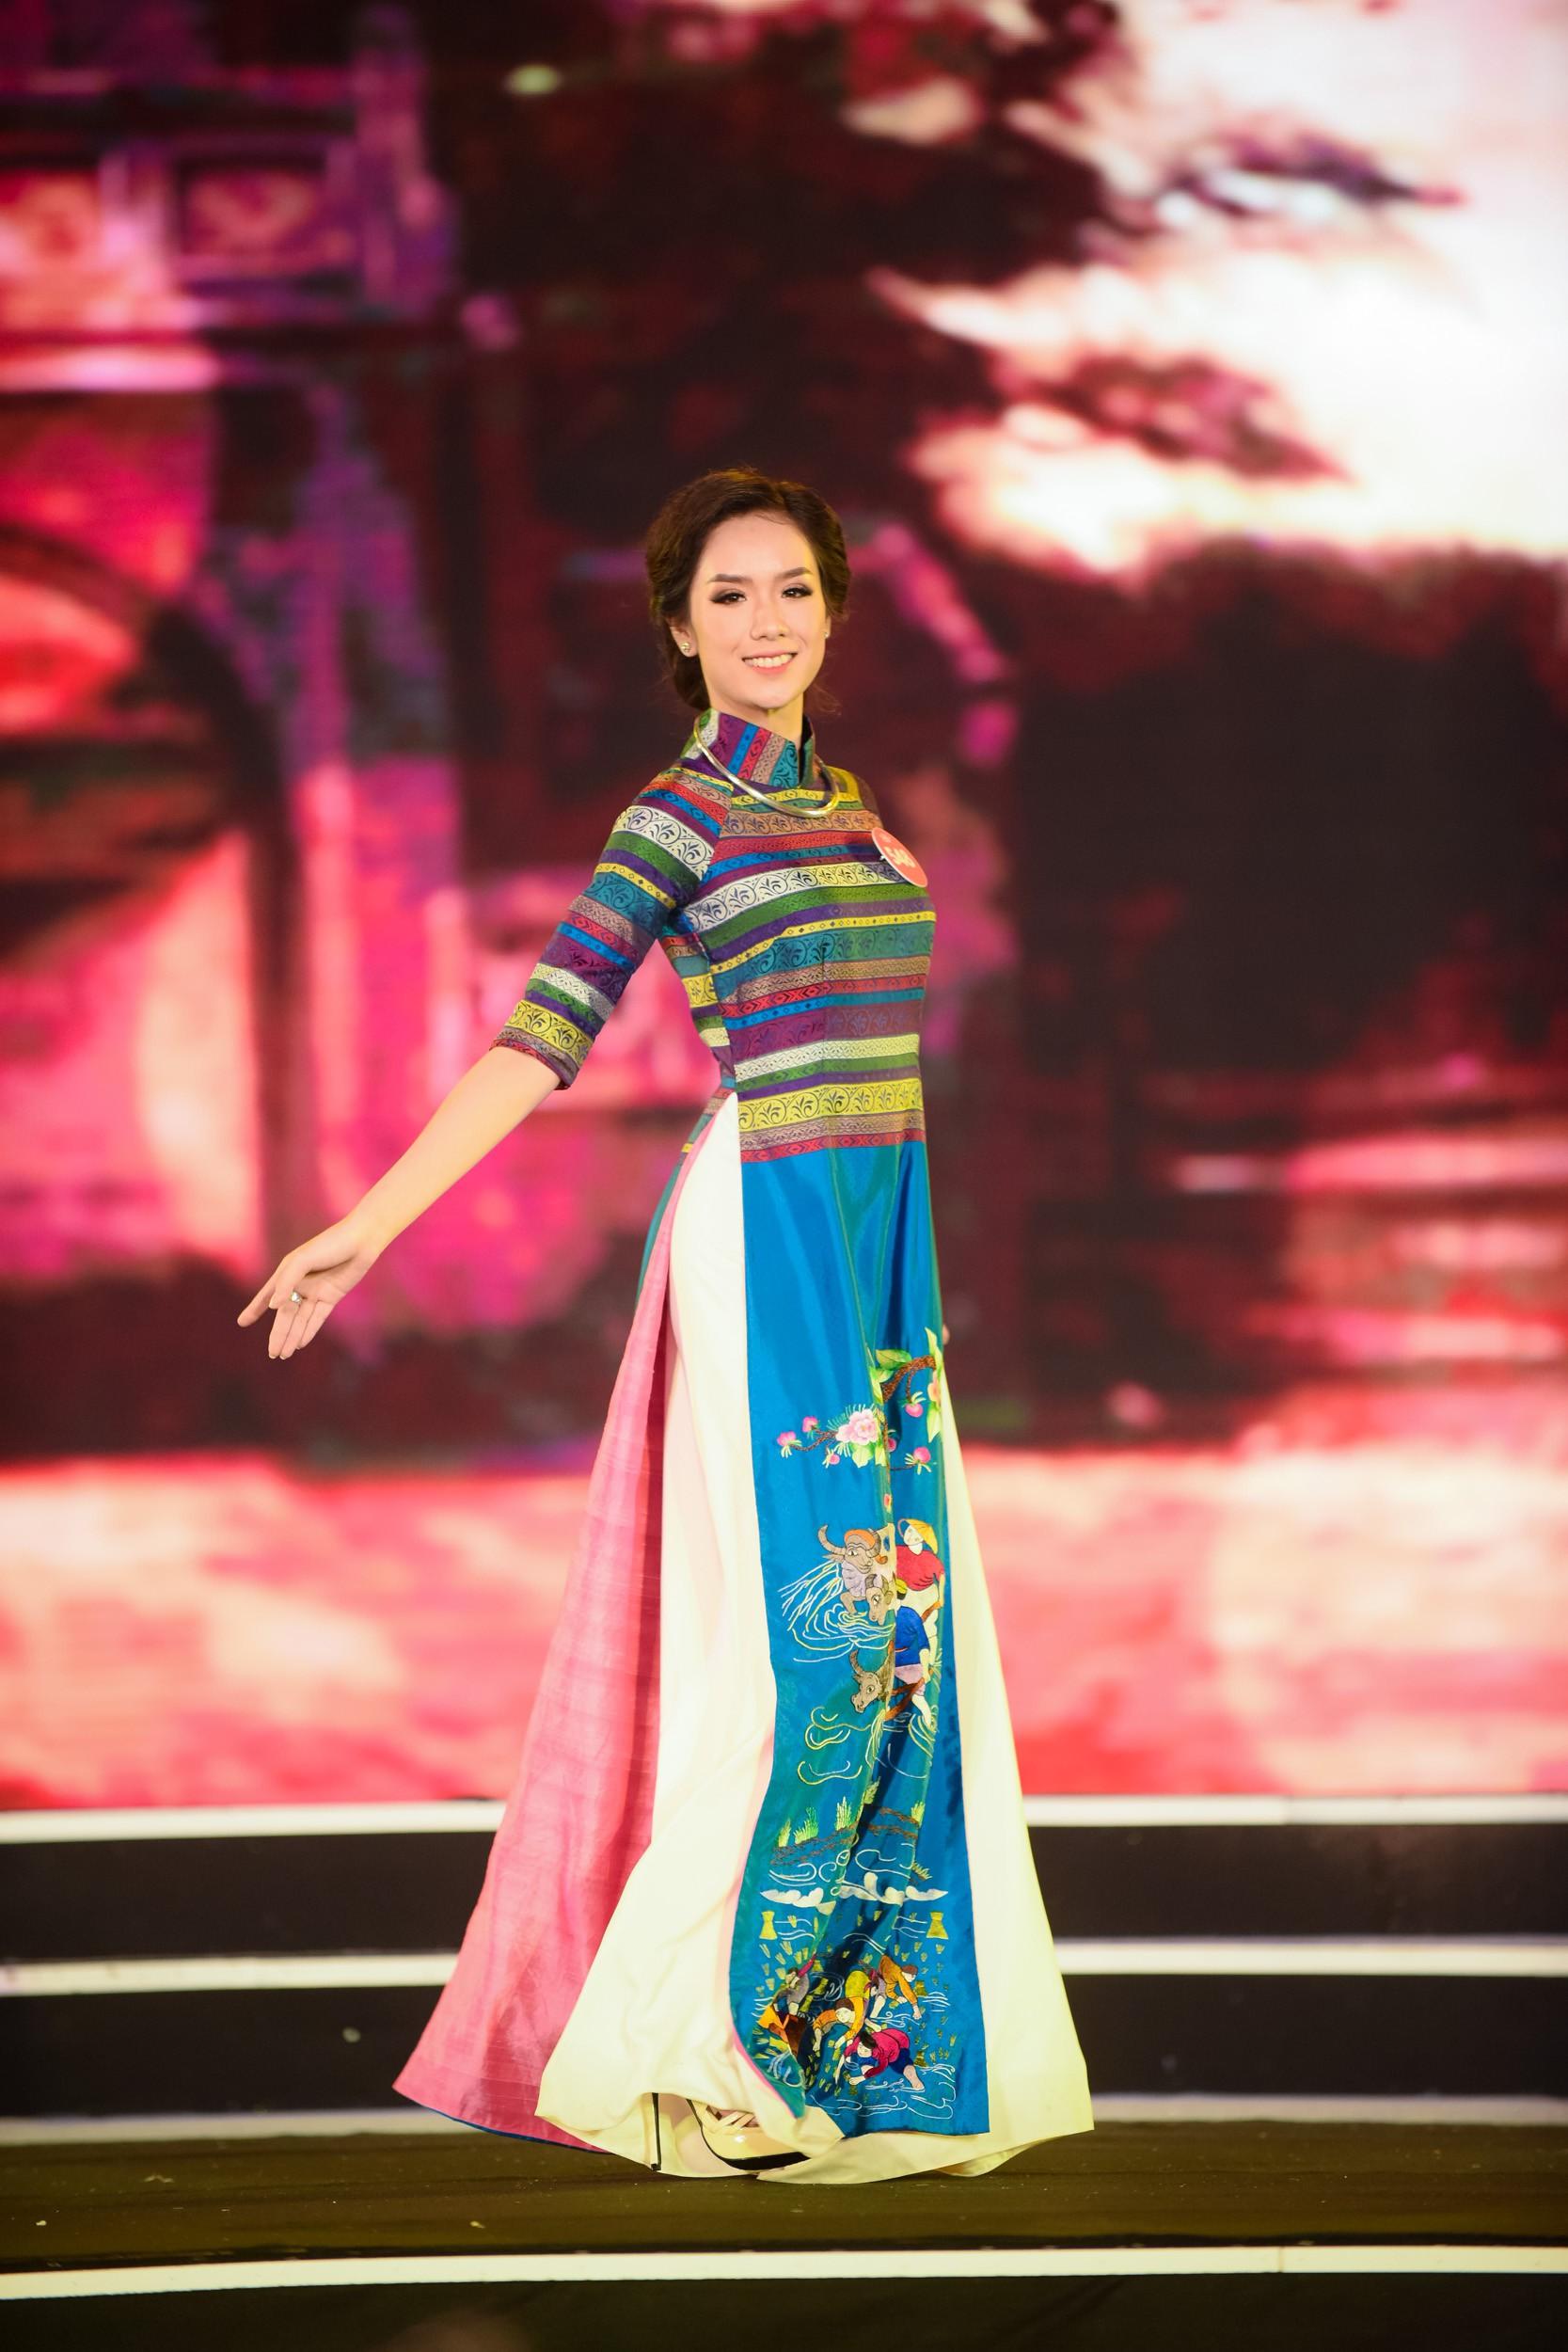 Cập nhật: 38 người đẹp phía Bắc của Hoa hậu Việt Nam tự tin trình diễn bikini, khoe hình thể nóng bỏng - Ảnh 2.